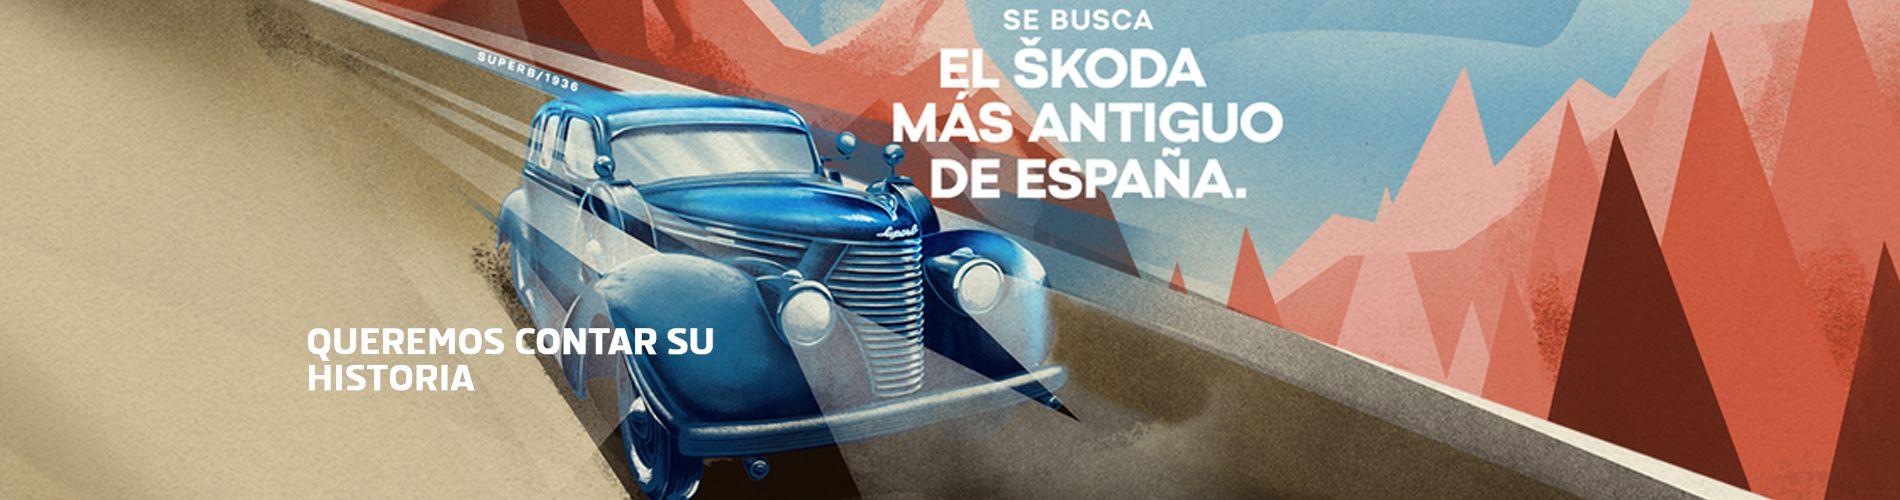 EL ŠKODA MÁS ANTIGUO DE ESPAÑA